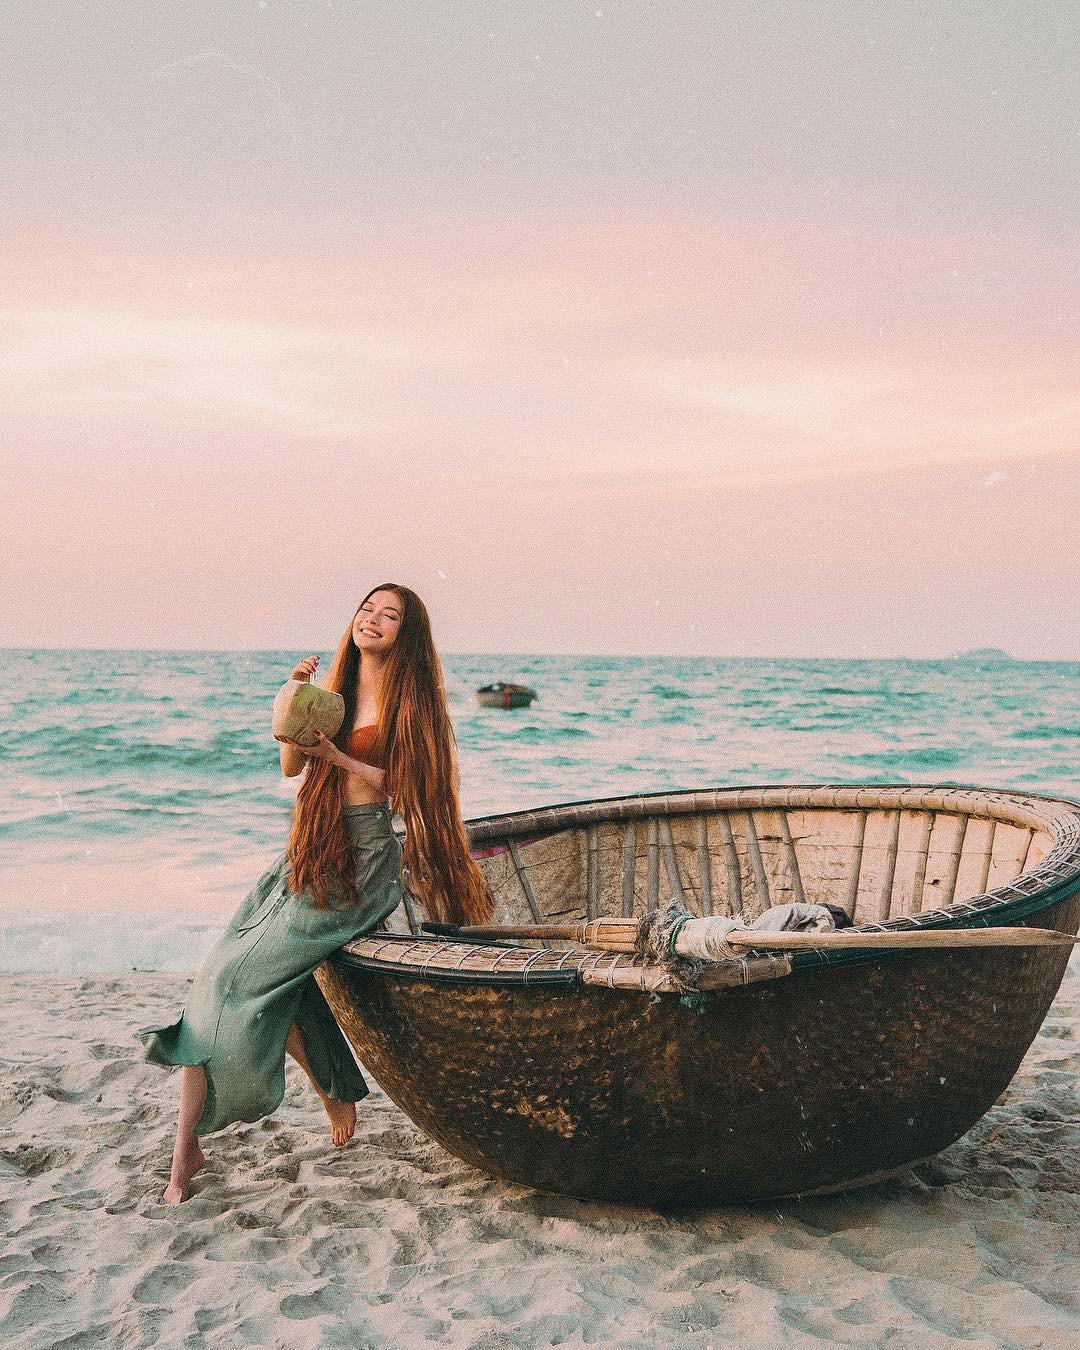 Thêm những bức ảnh đẹp mê mẩn của công chúa tóc mây Sarah Trần trong chuyến du hí Việt Nam - Ảnh 10.